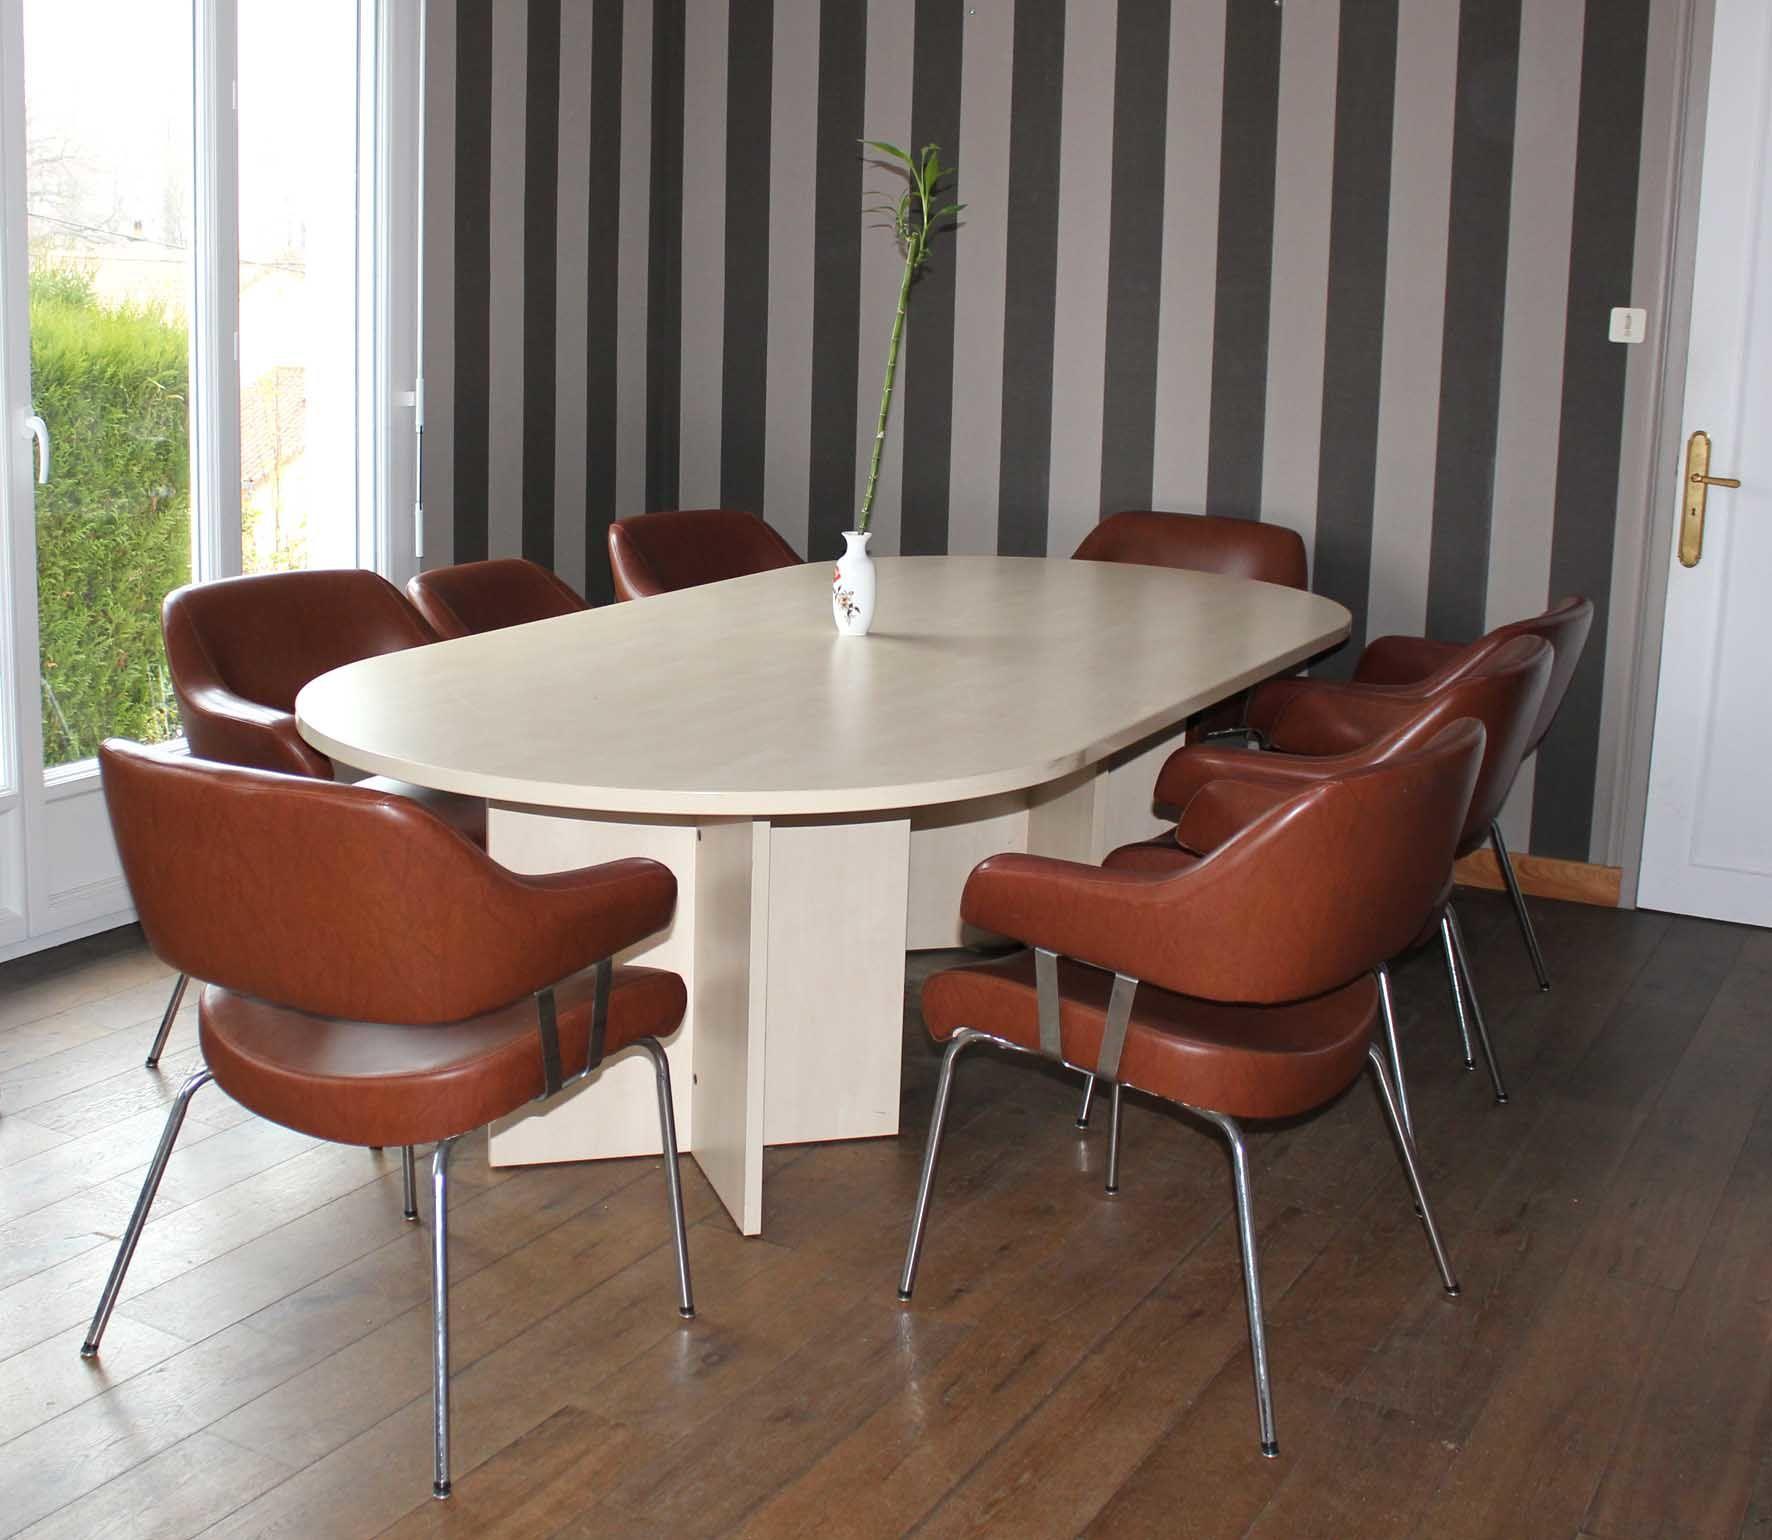 Achetez table de r union et occasion annonce vente limoges 87 wb155020238 - Table jardin kettal limoges ...